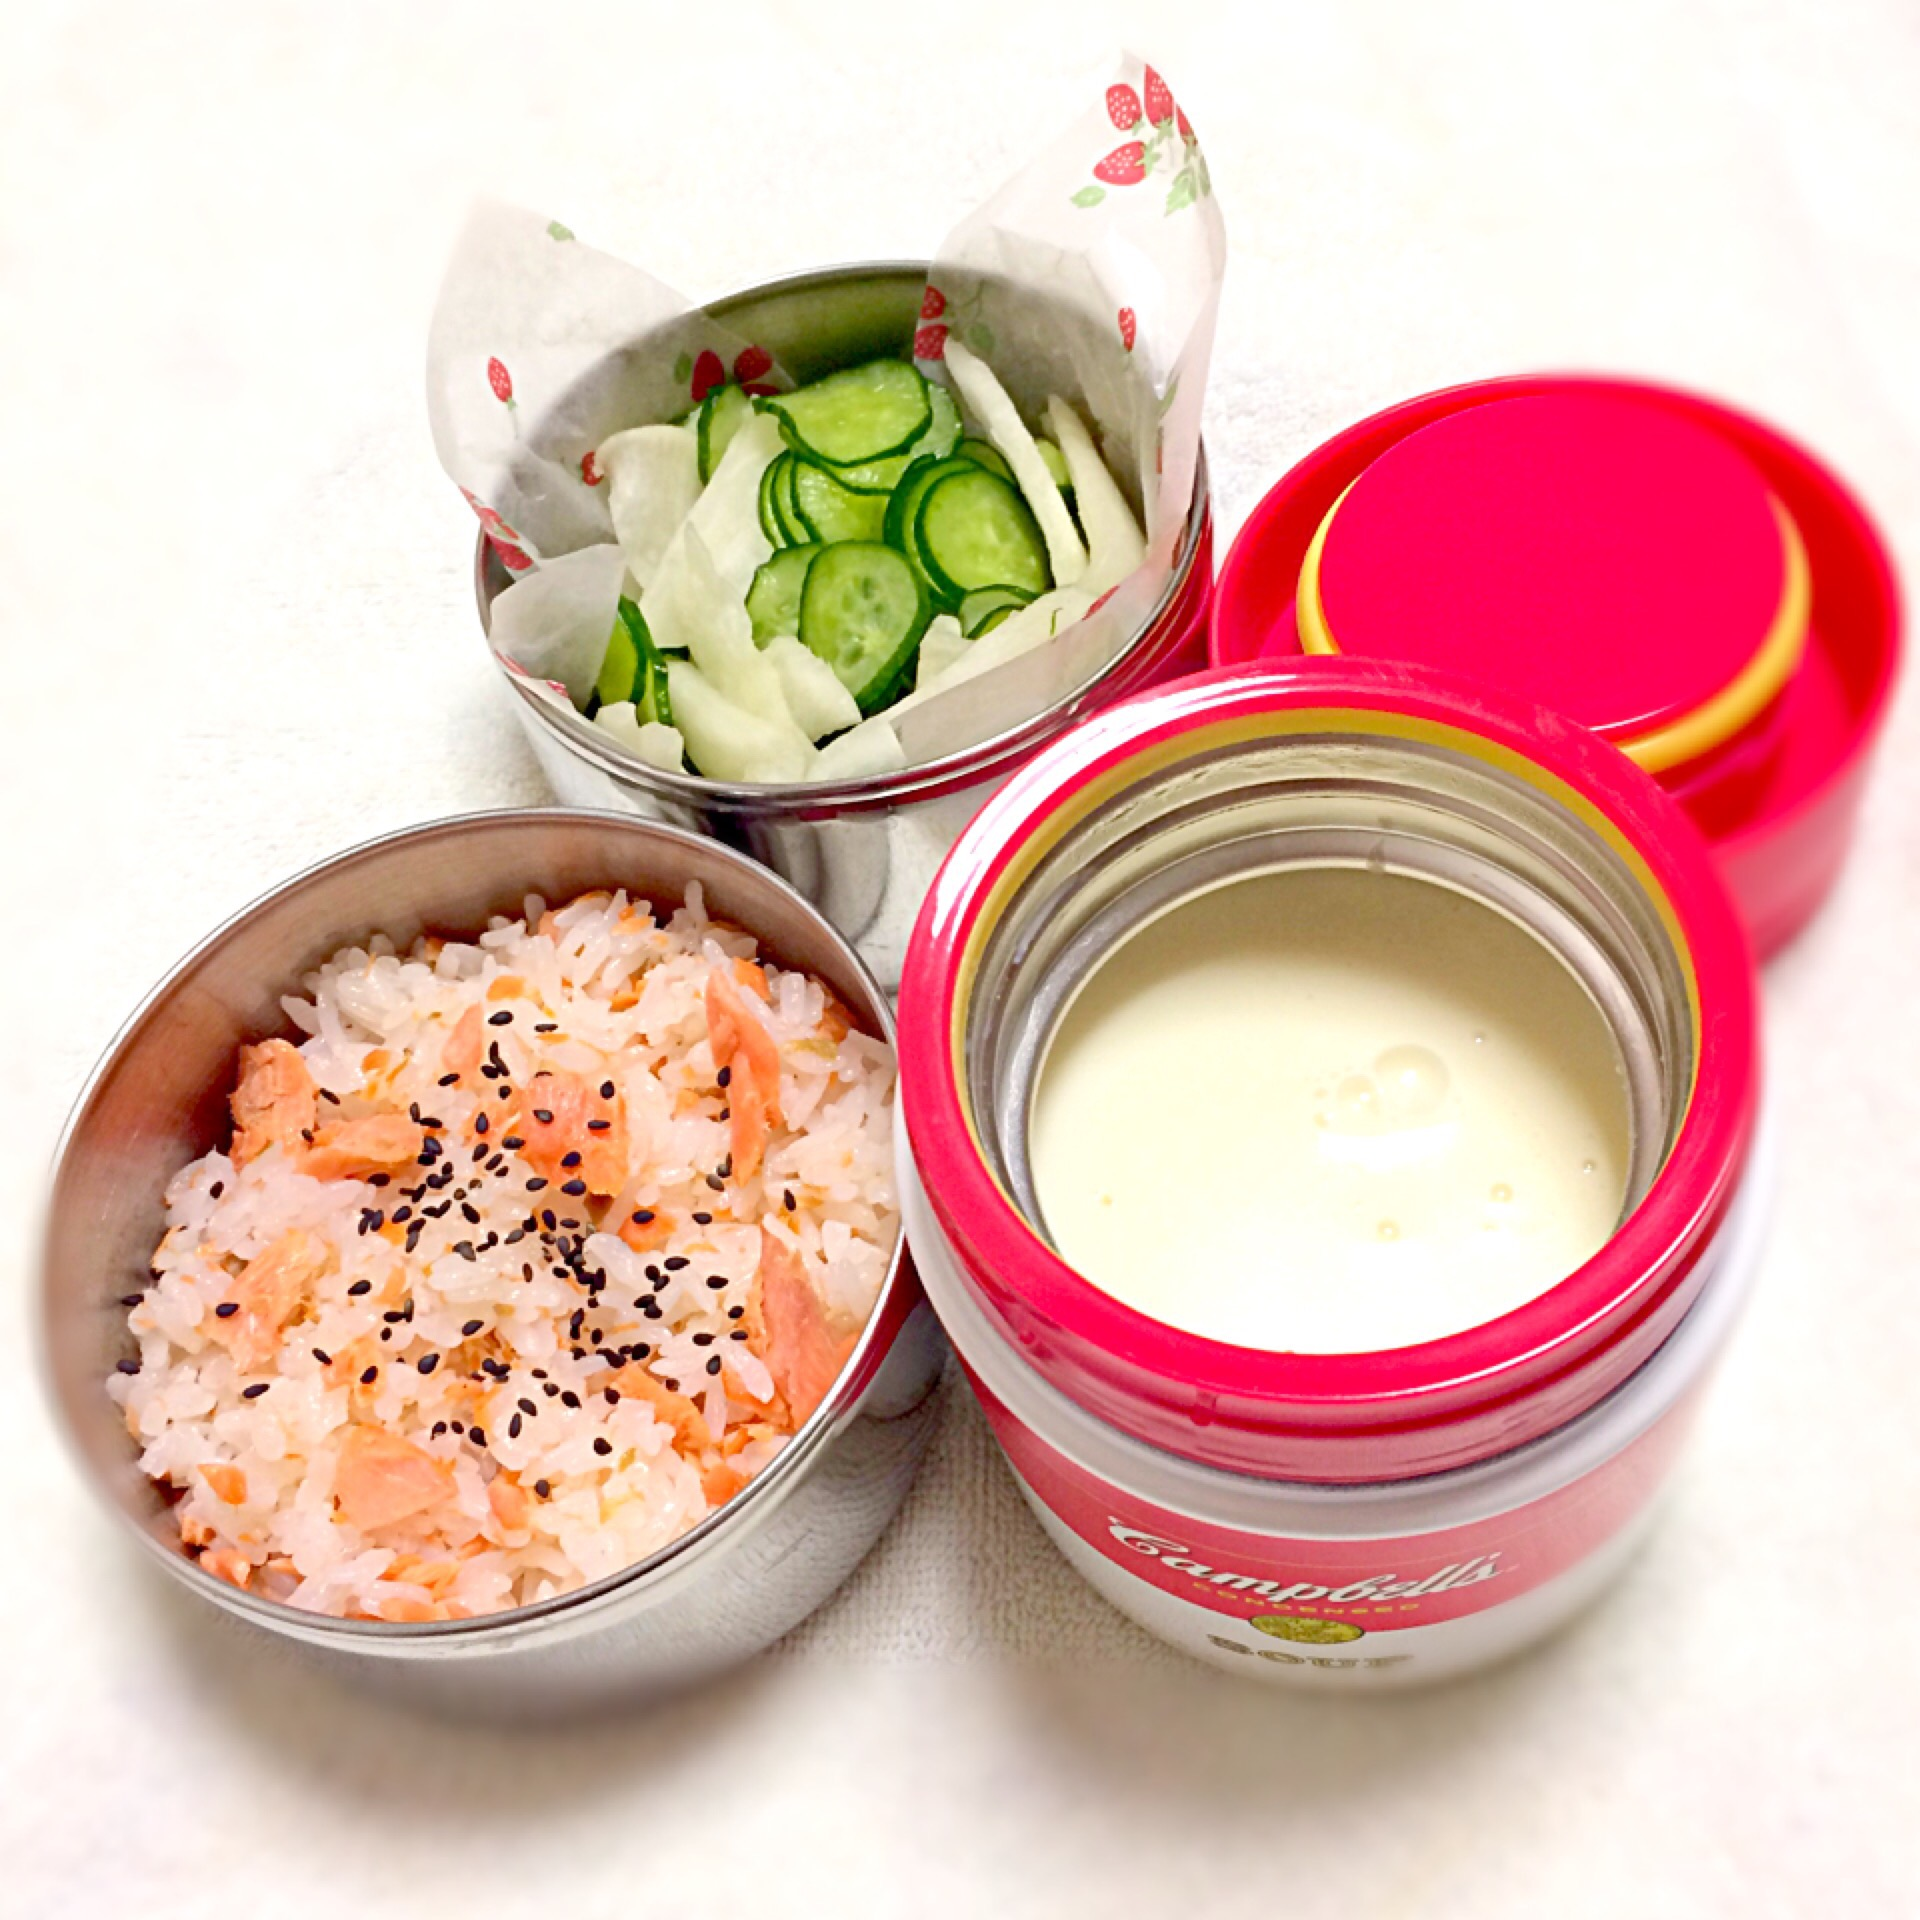 ランチを倍楽しく!スープジャーのお弁当おすすめレシピ9選